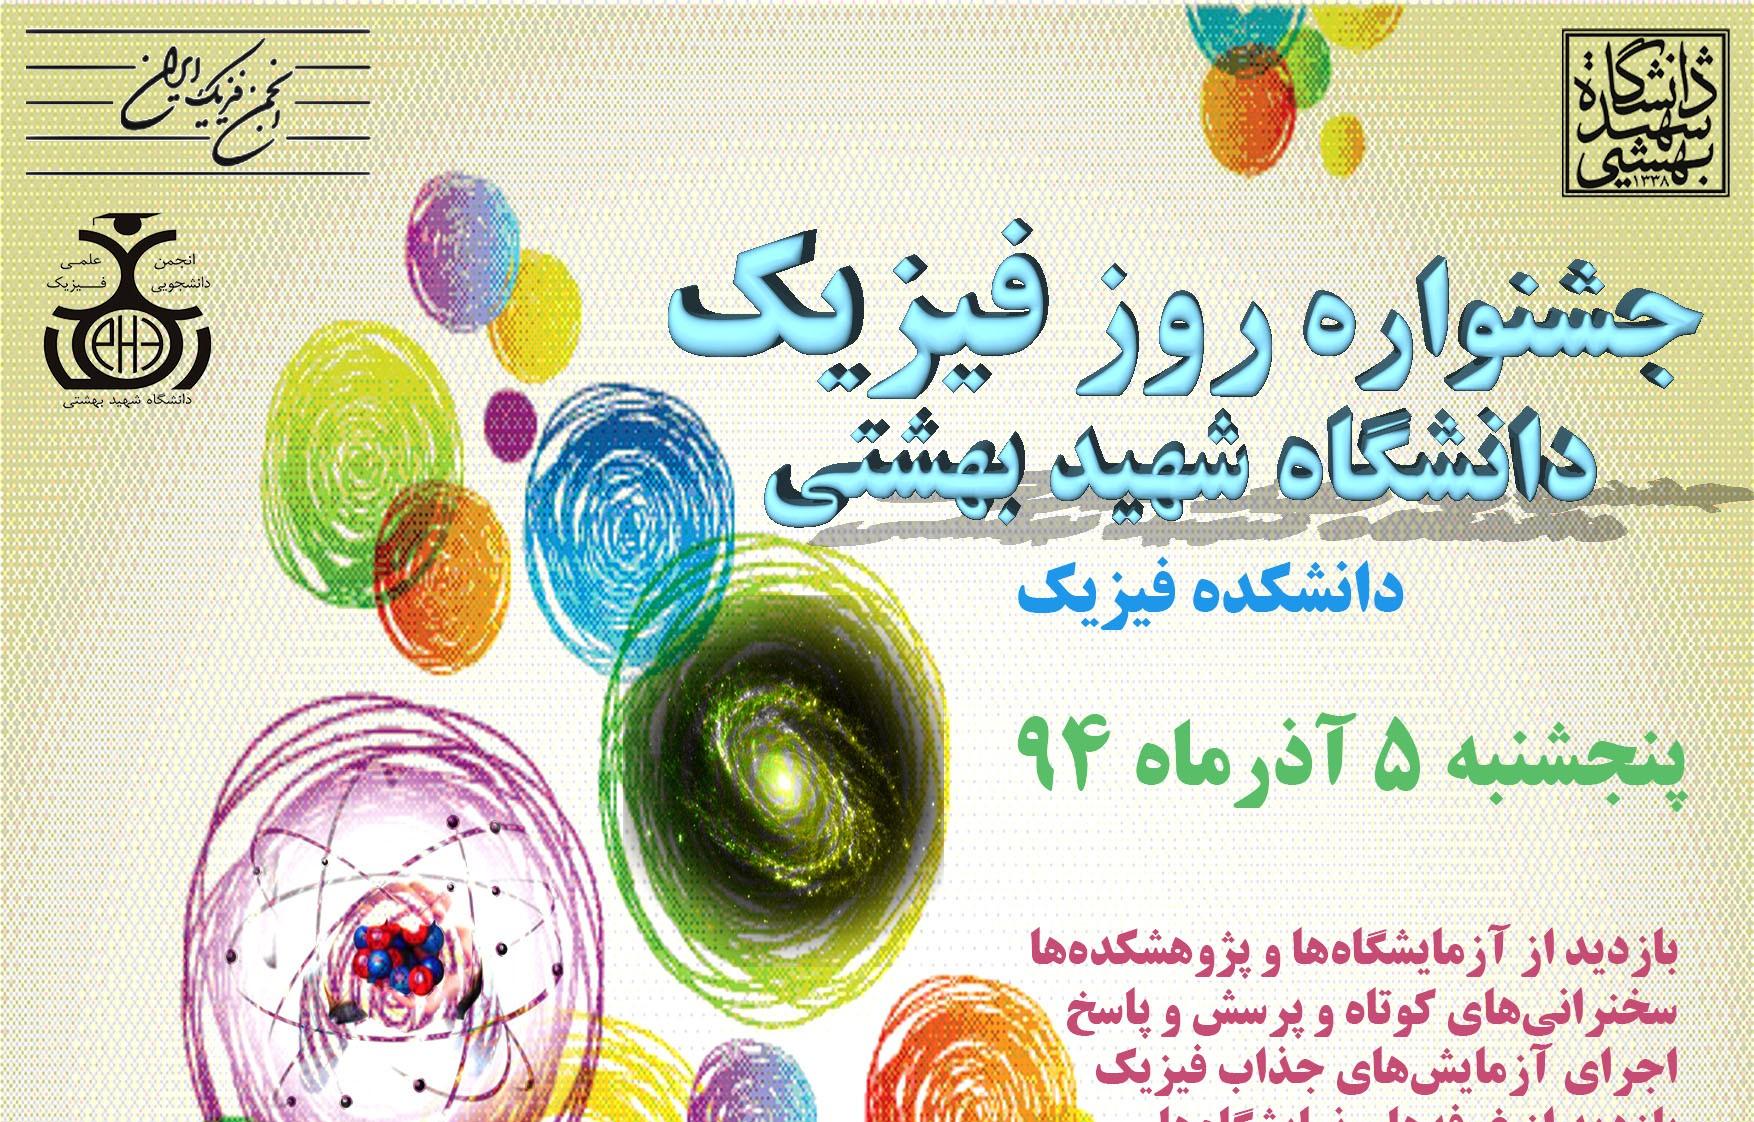 جشنواره روز فیزیک 94 دانشگاه شهید بهشتی